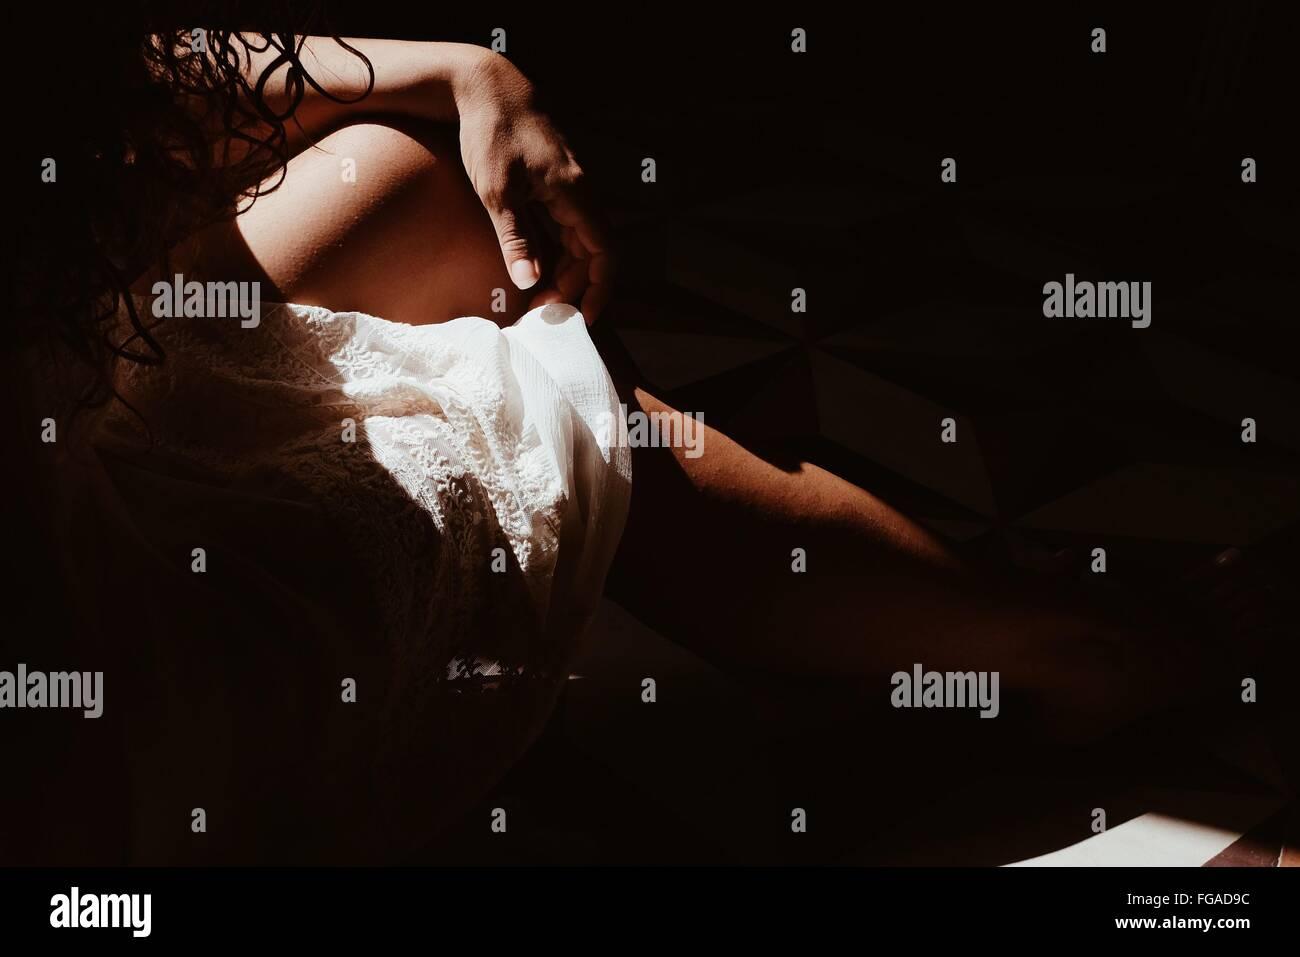 Bild der Frau zu Hause entspannen beschnitten Stockbild